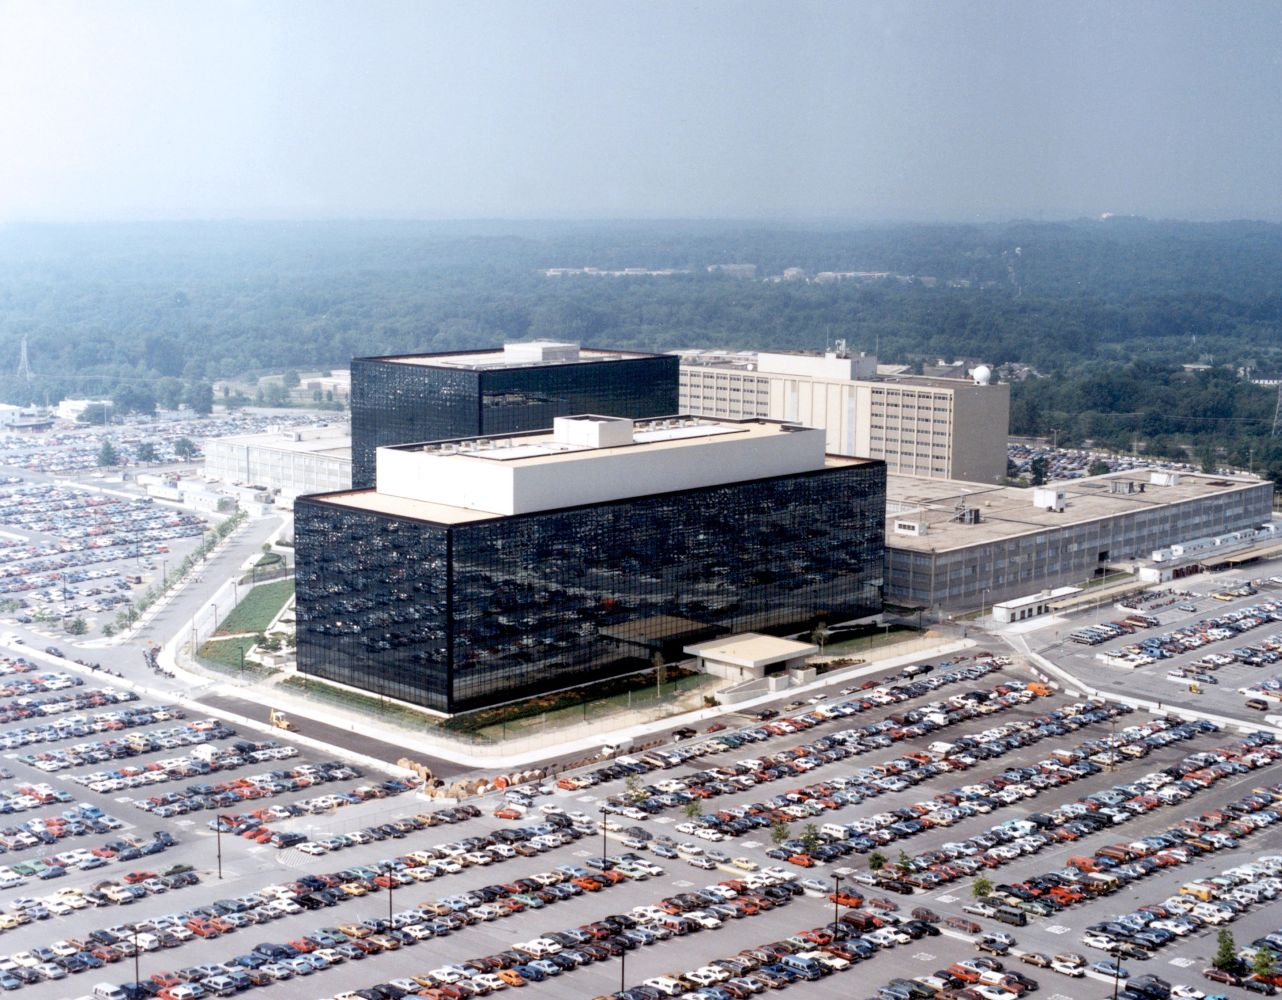 Экс-сотрудник АНБ рассказал о массовой слежке спецслужб во время Олимпиады-2002